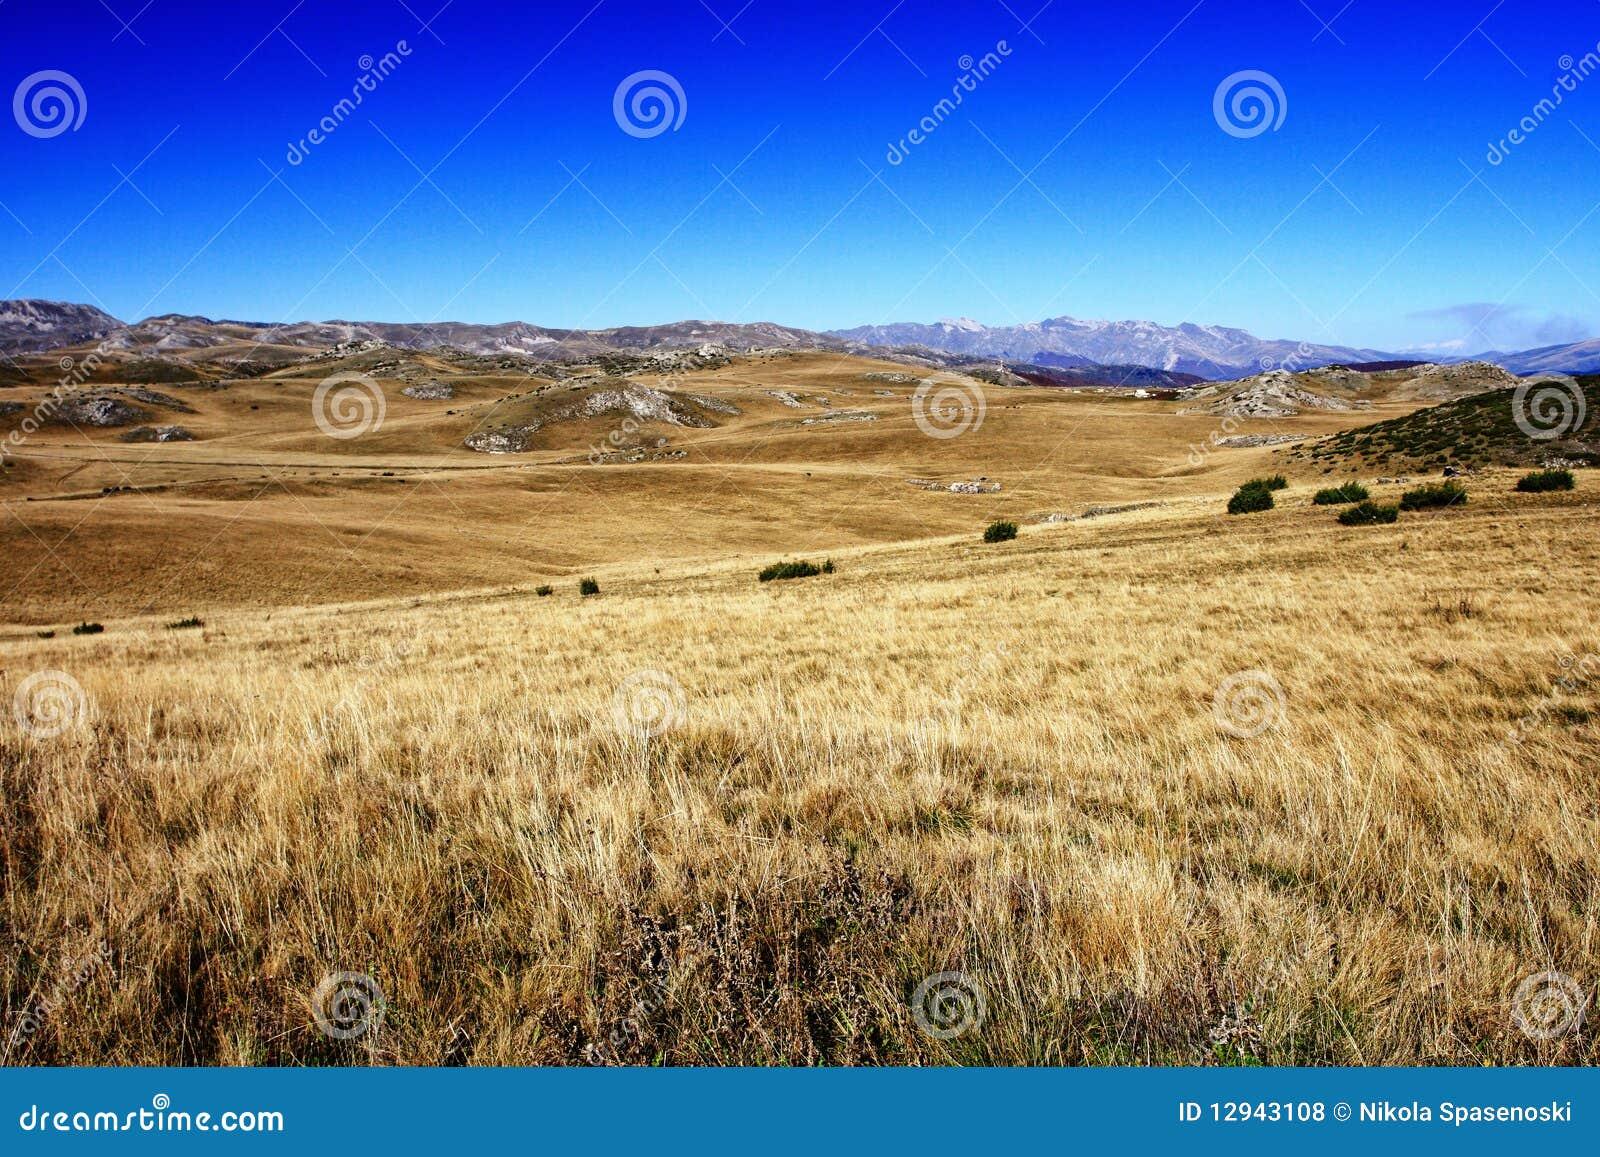 macedonian landscape - photo #37